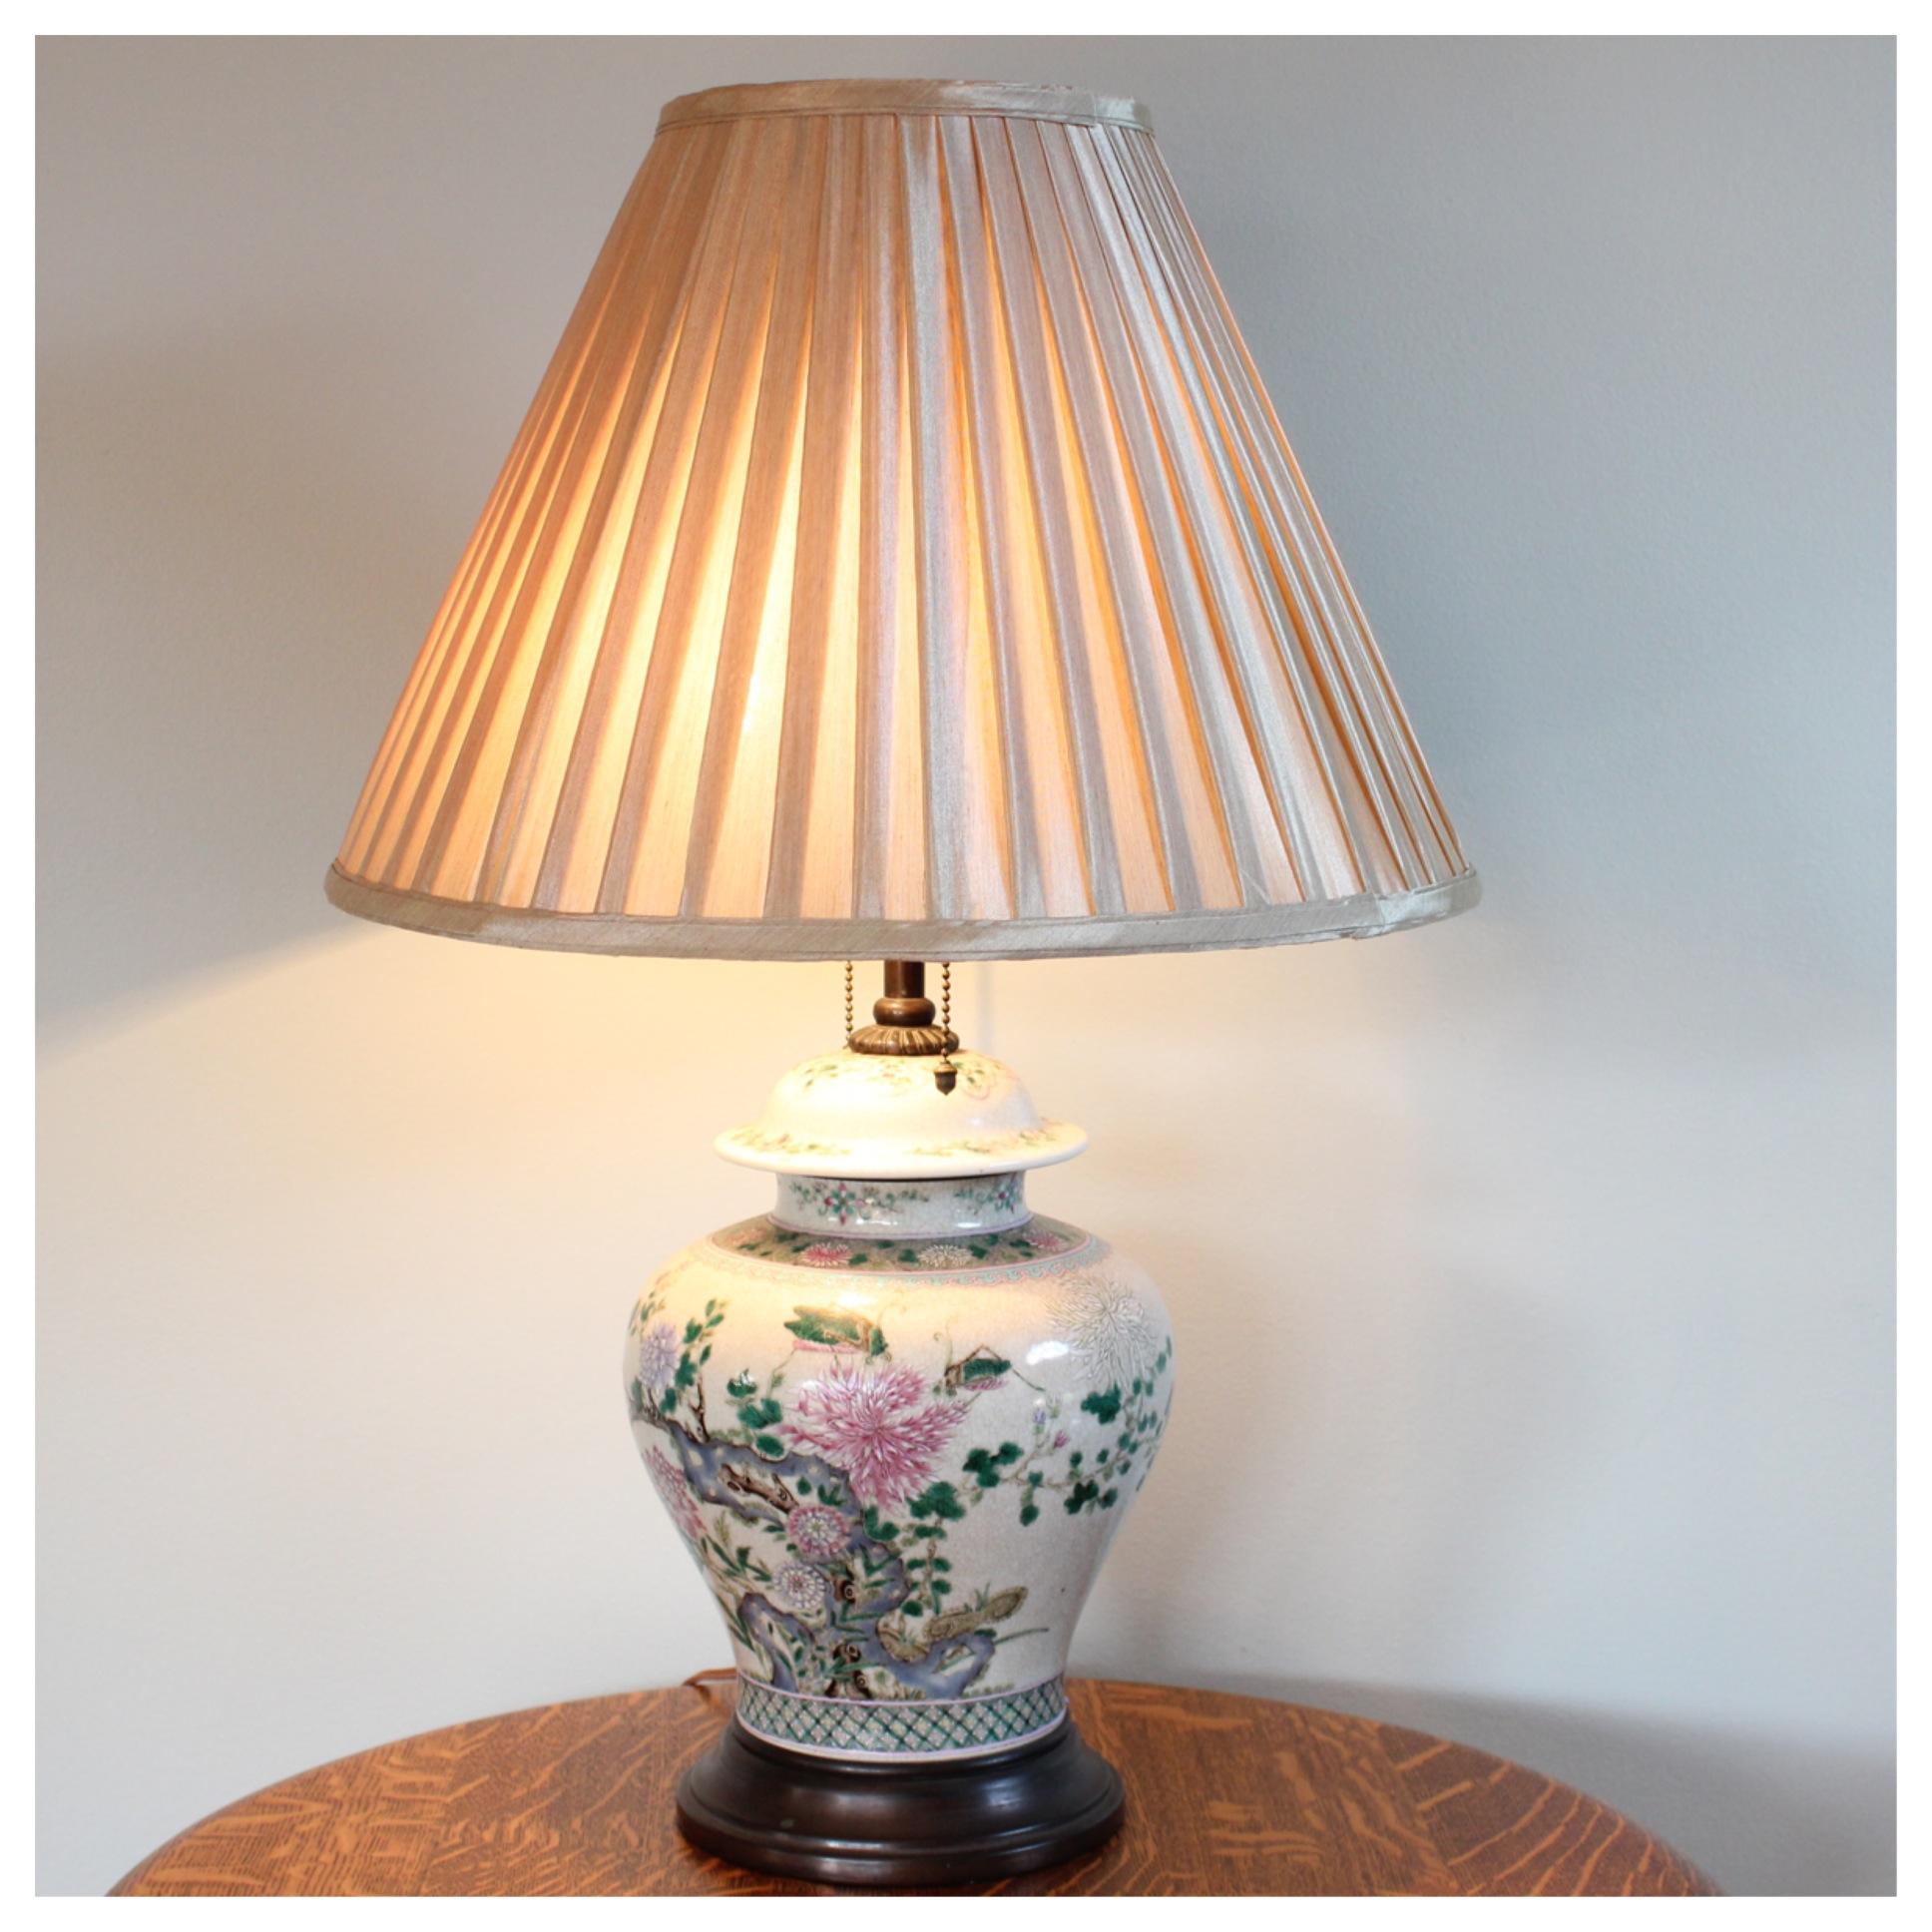 A7883 Ginger Jar Table Lamp Bogart Bremmer Amp Bradley